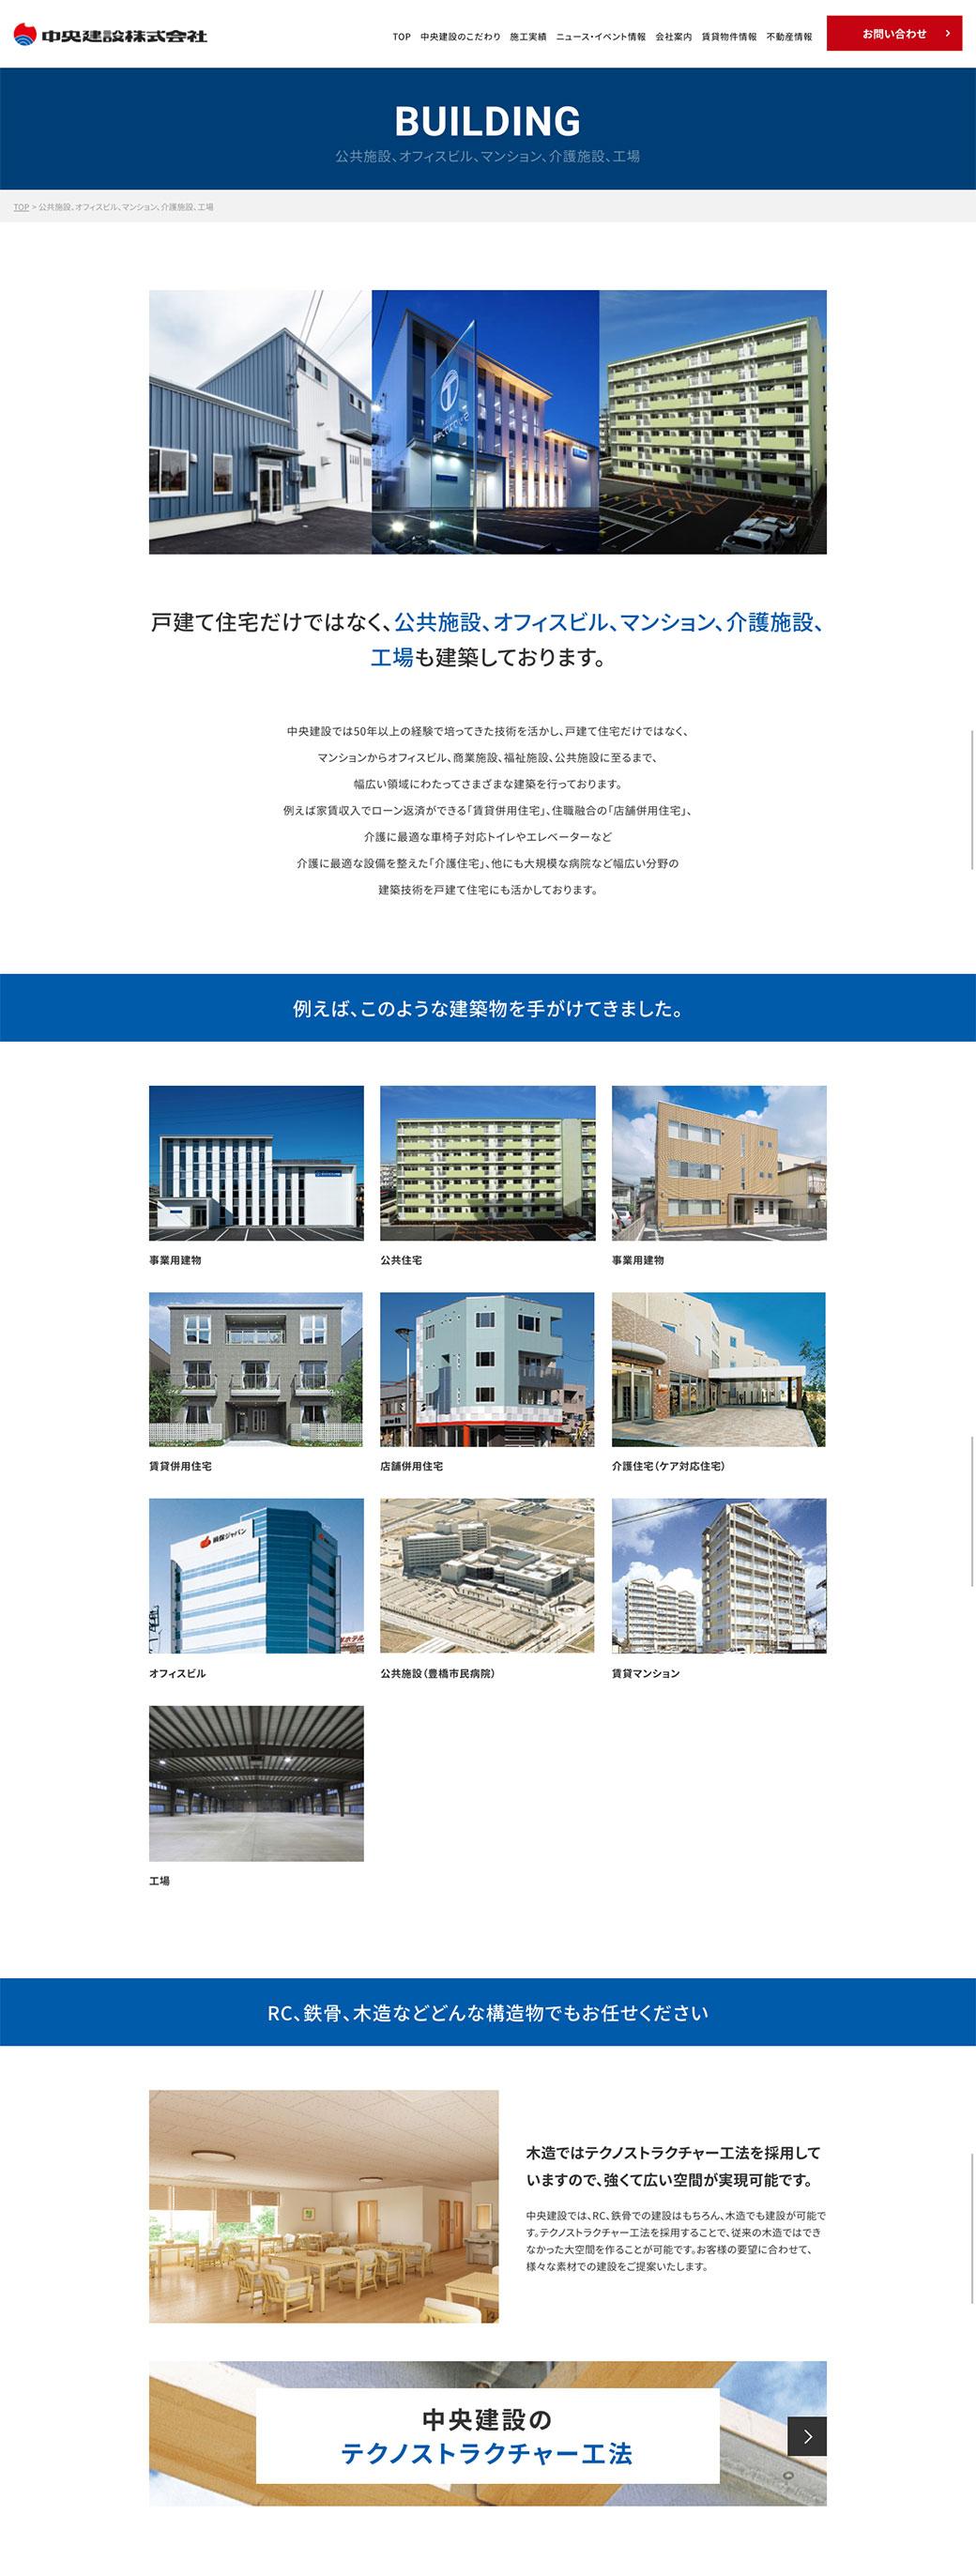 公共施設・オフィスビル・マンション建設